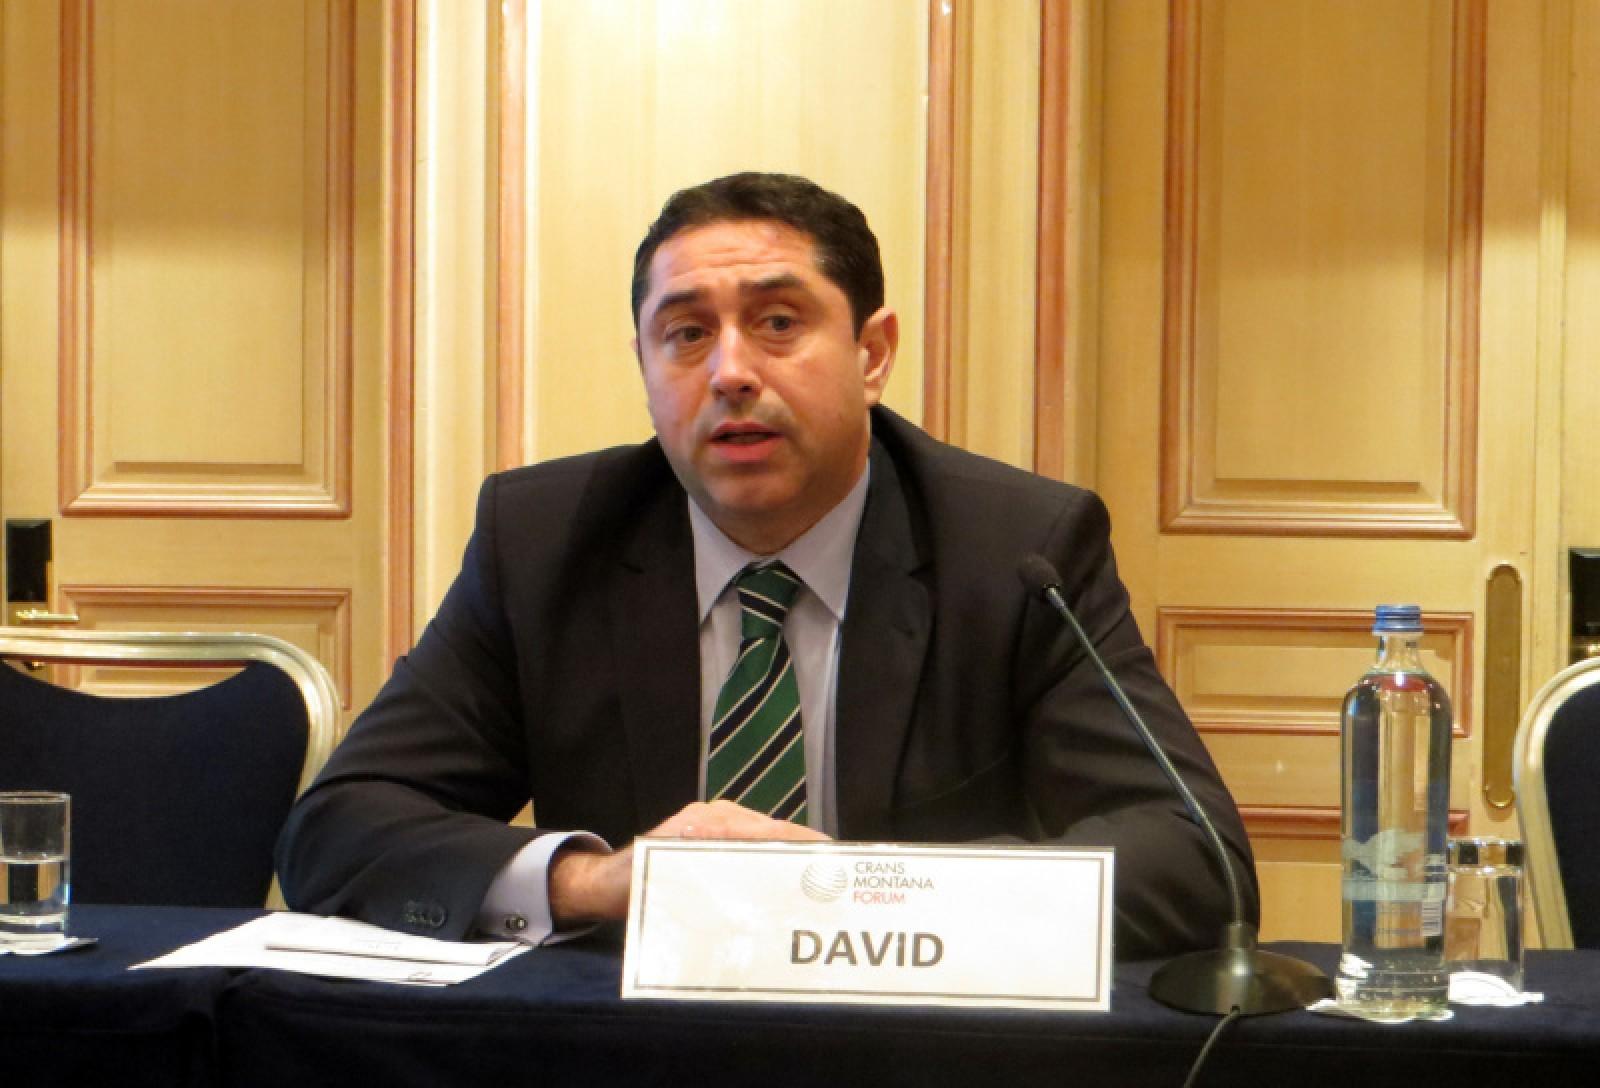 România: Fostul ministru Cristian David, condamnat la 5 ani de închisoare. I-a fost confiscată averea de 500 de mii de Euro